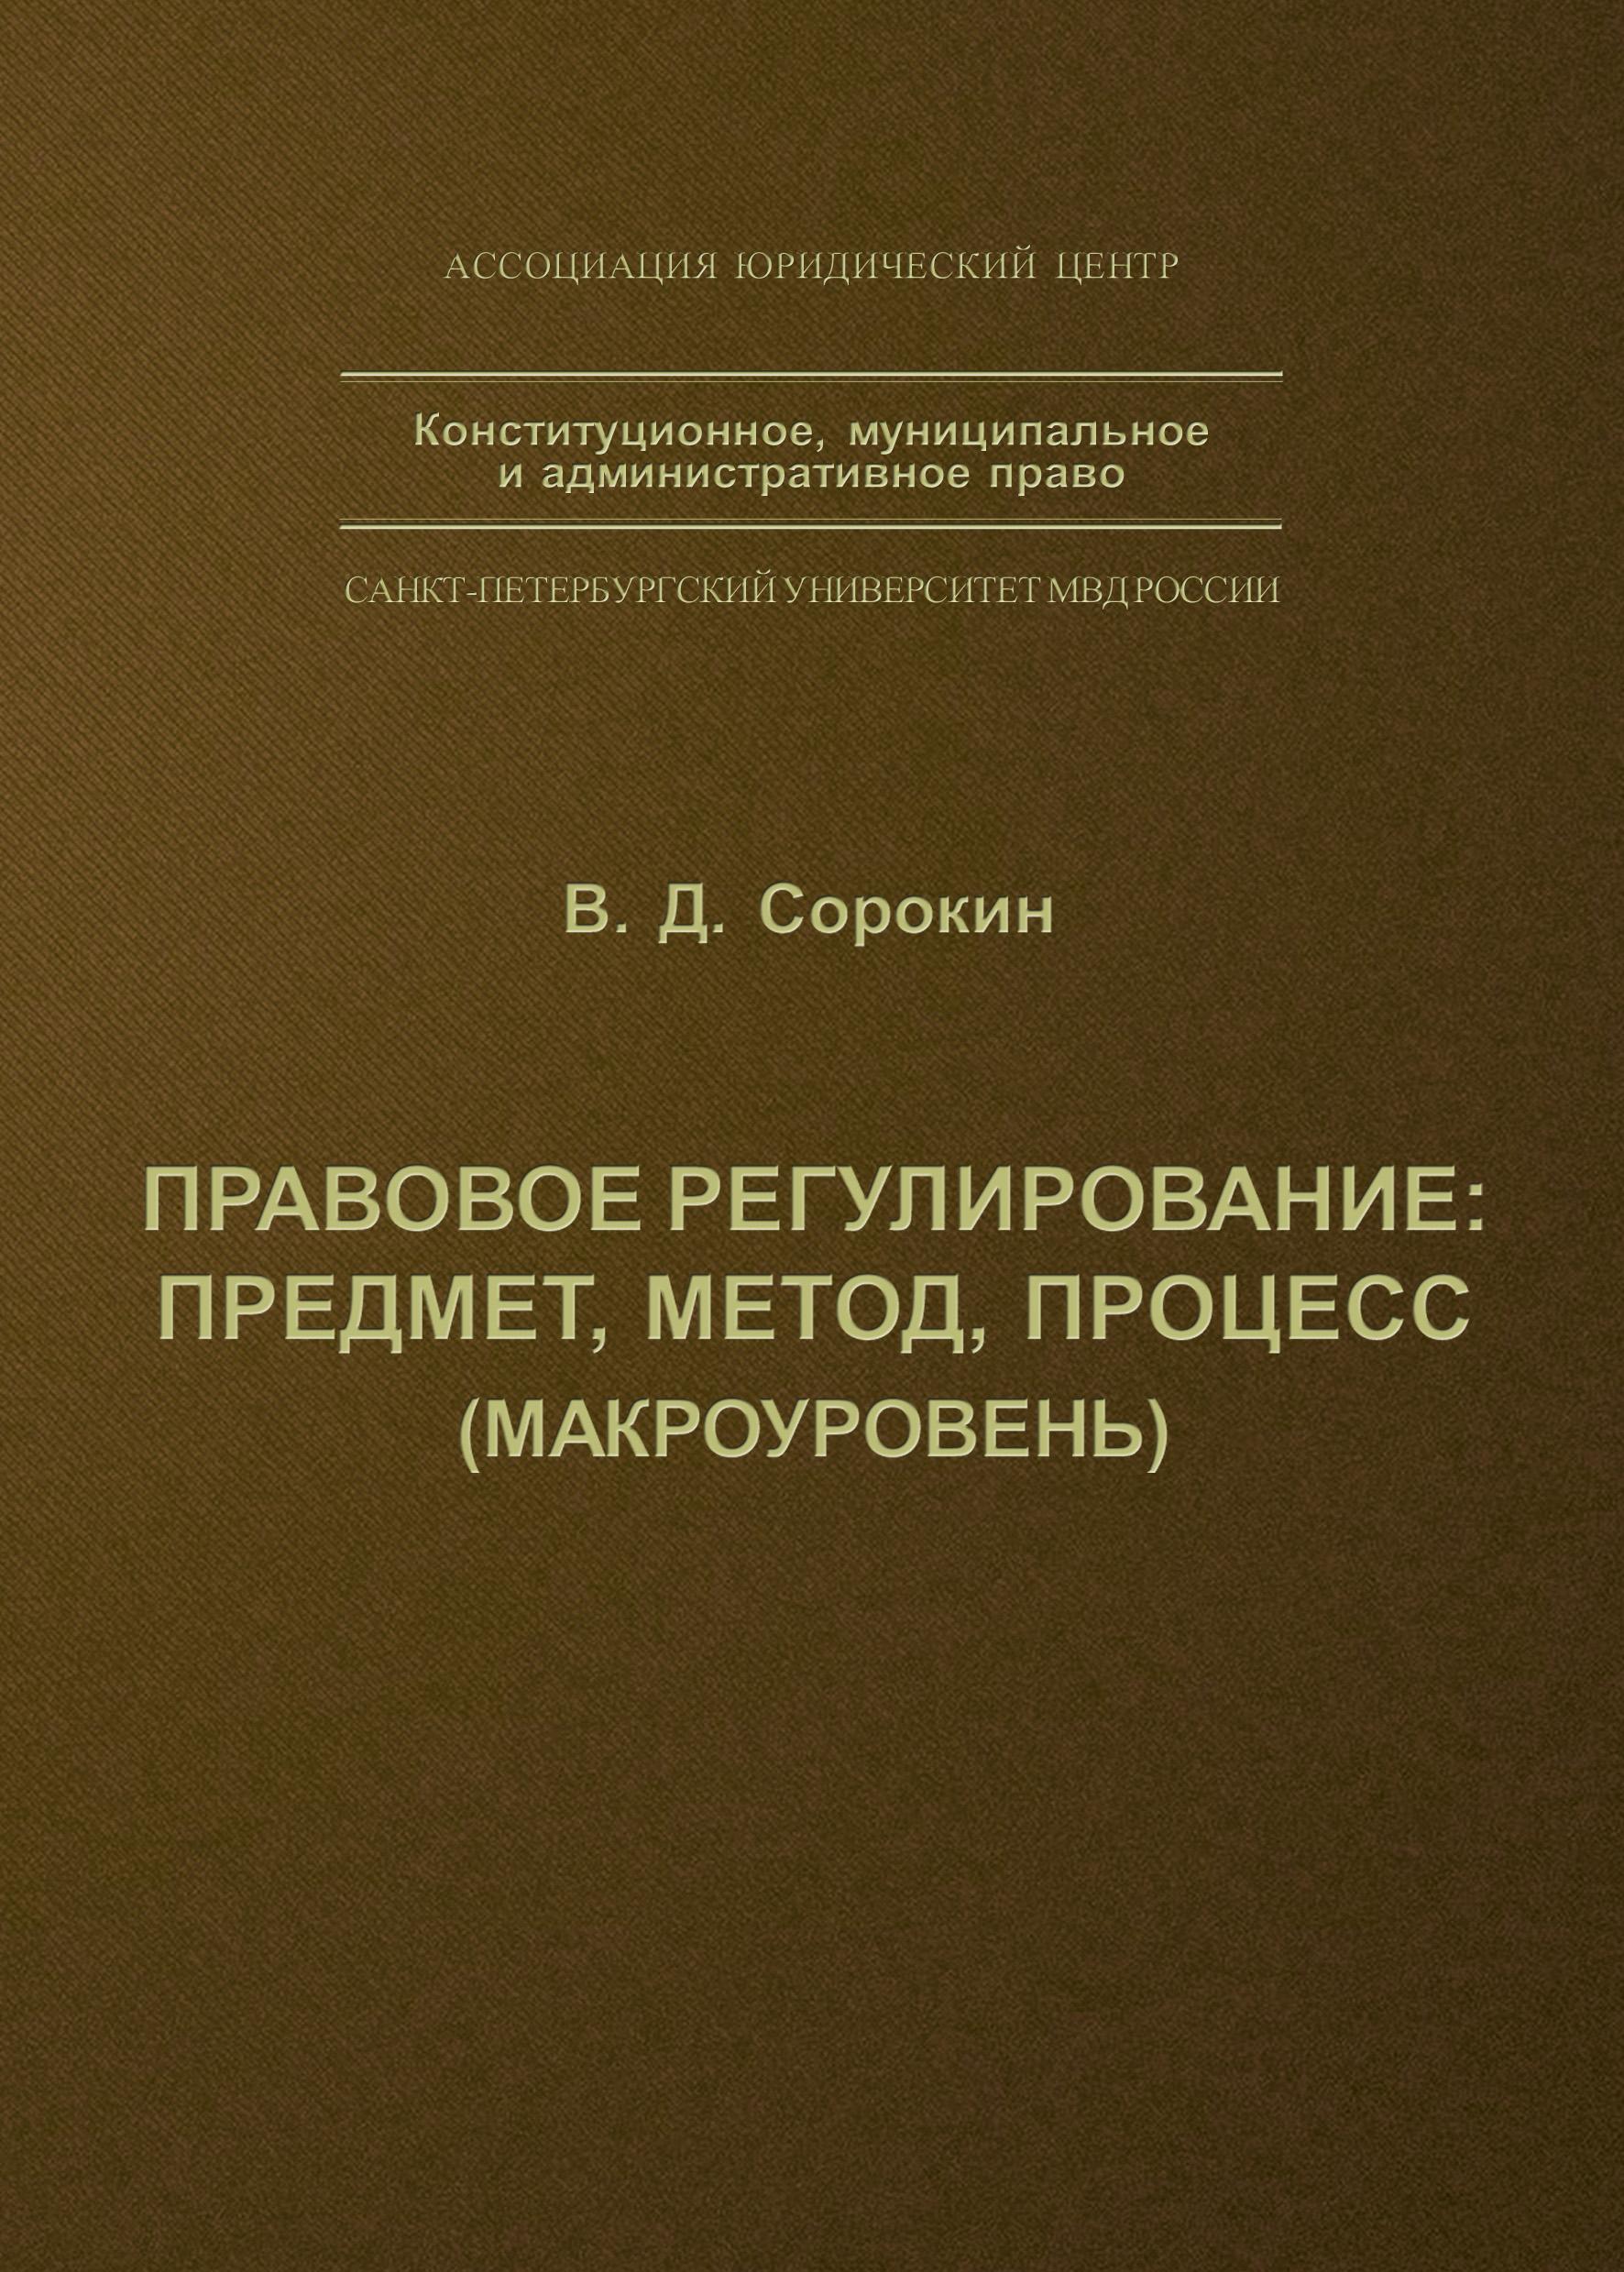 Правовое регулирование: предмет, метод, процесс